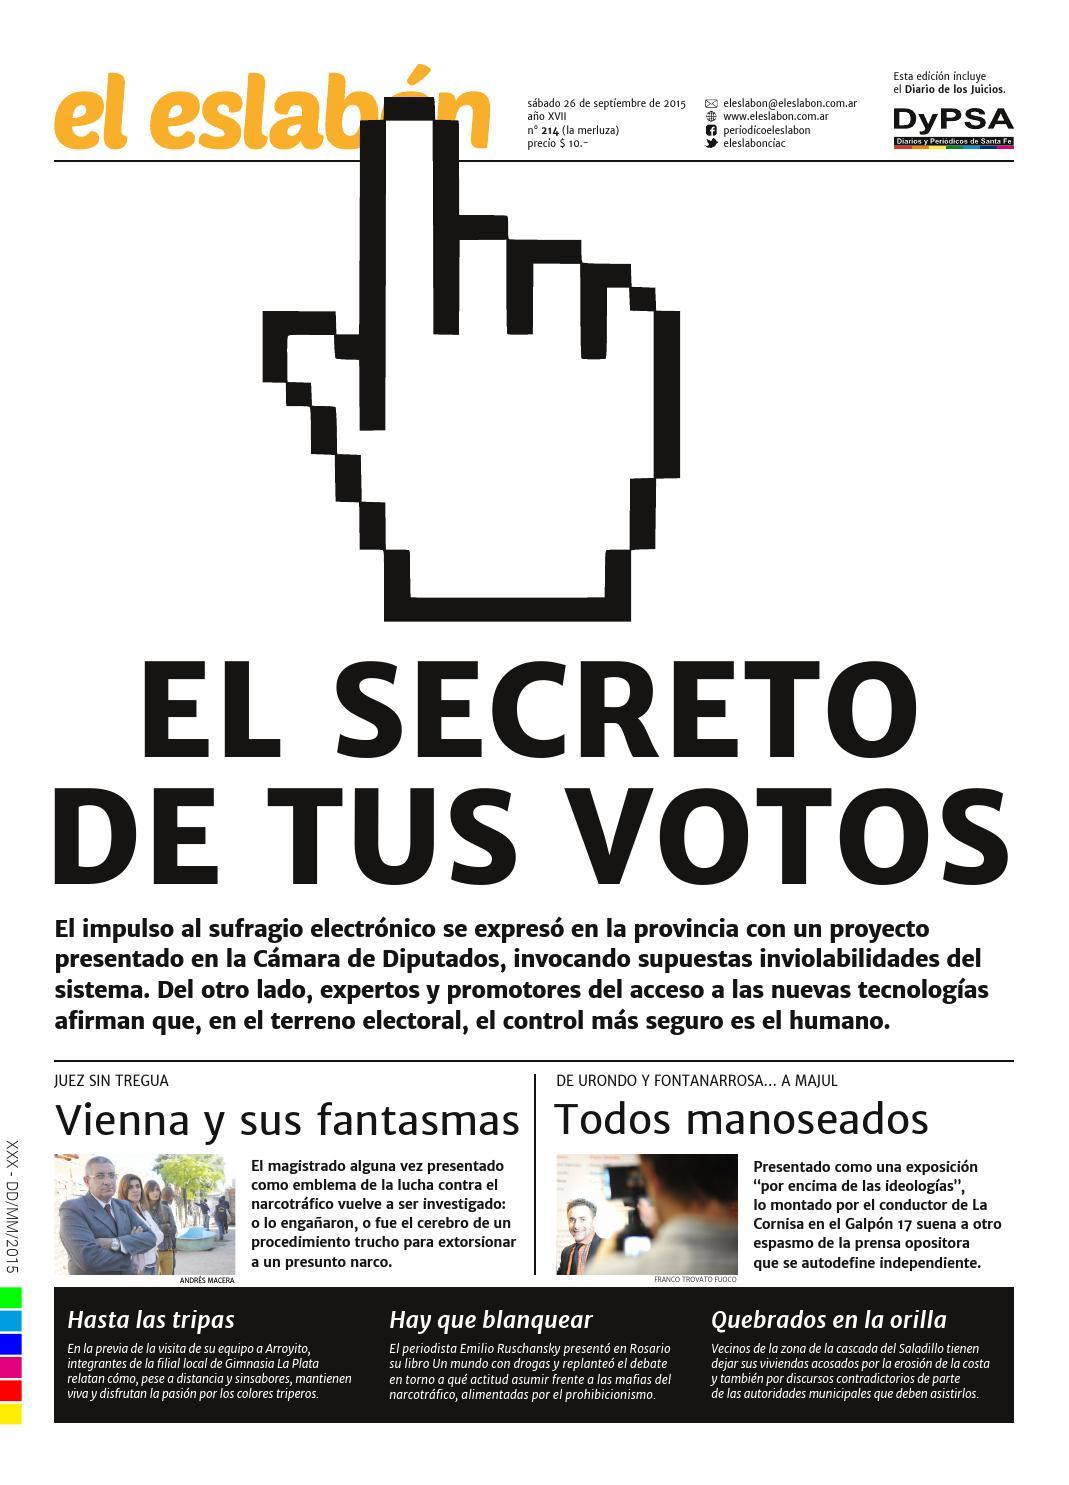 el eslabón 214 by El Eslabón de la Cadena Informativa - issuu